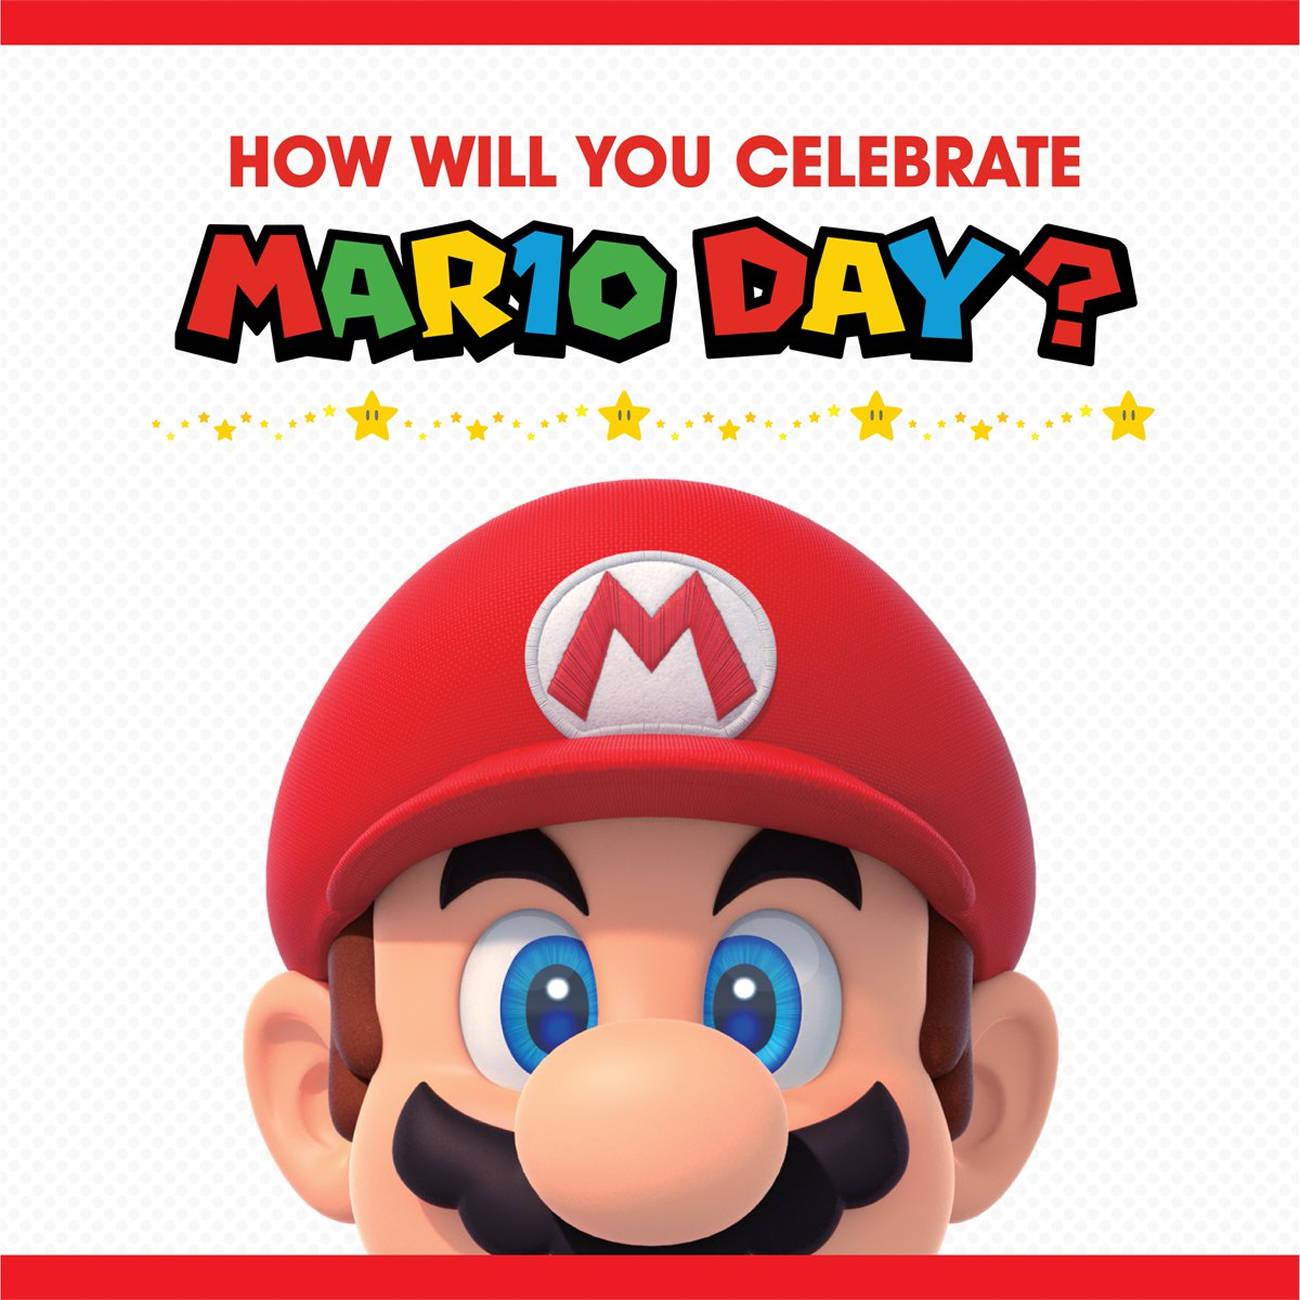 スーパーマリオ オデッセイ、マリオの日のイラスト公開。帽子投げポーズ